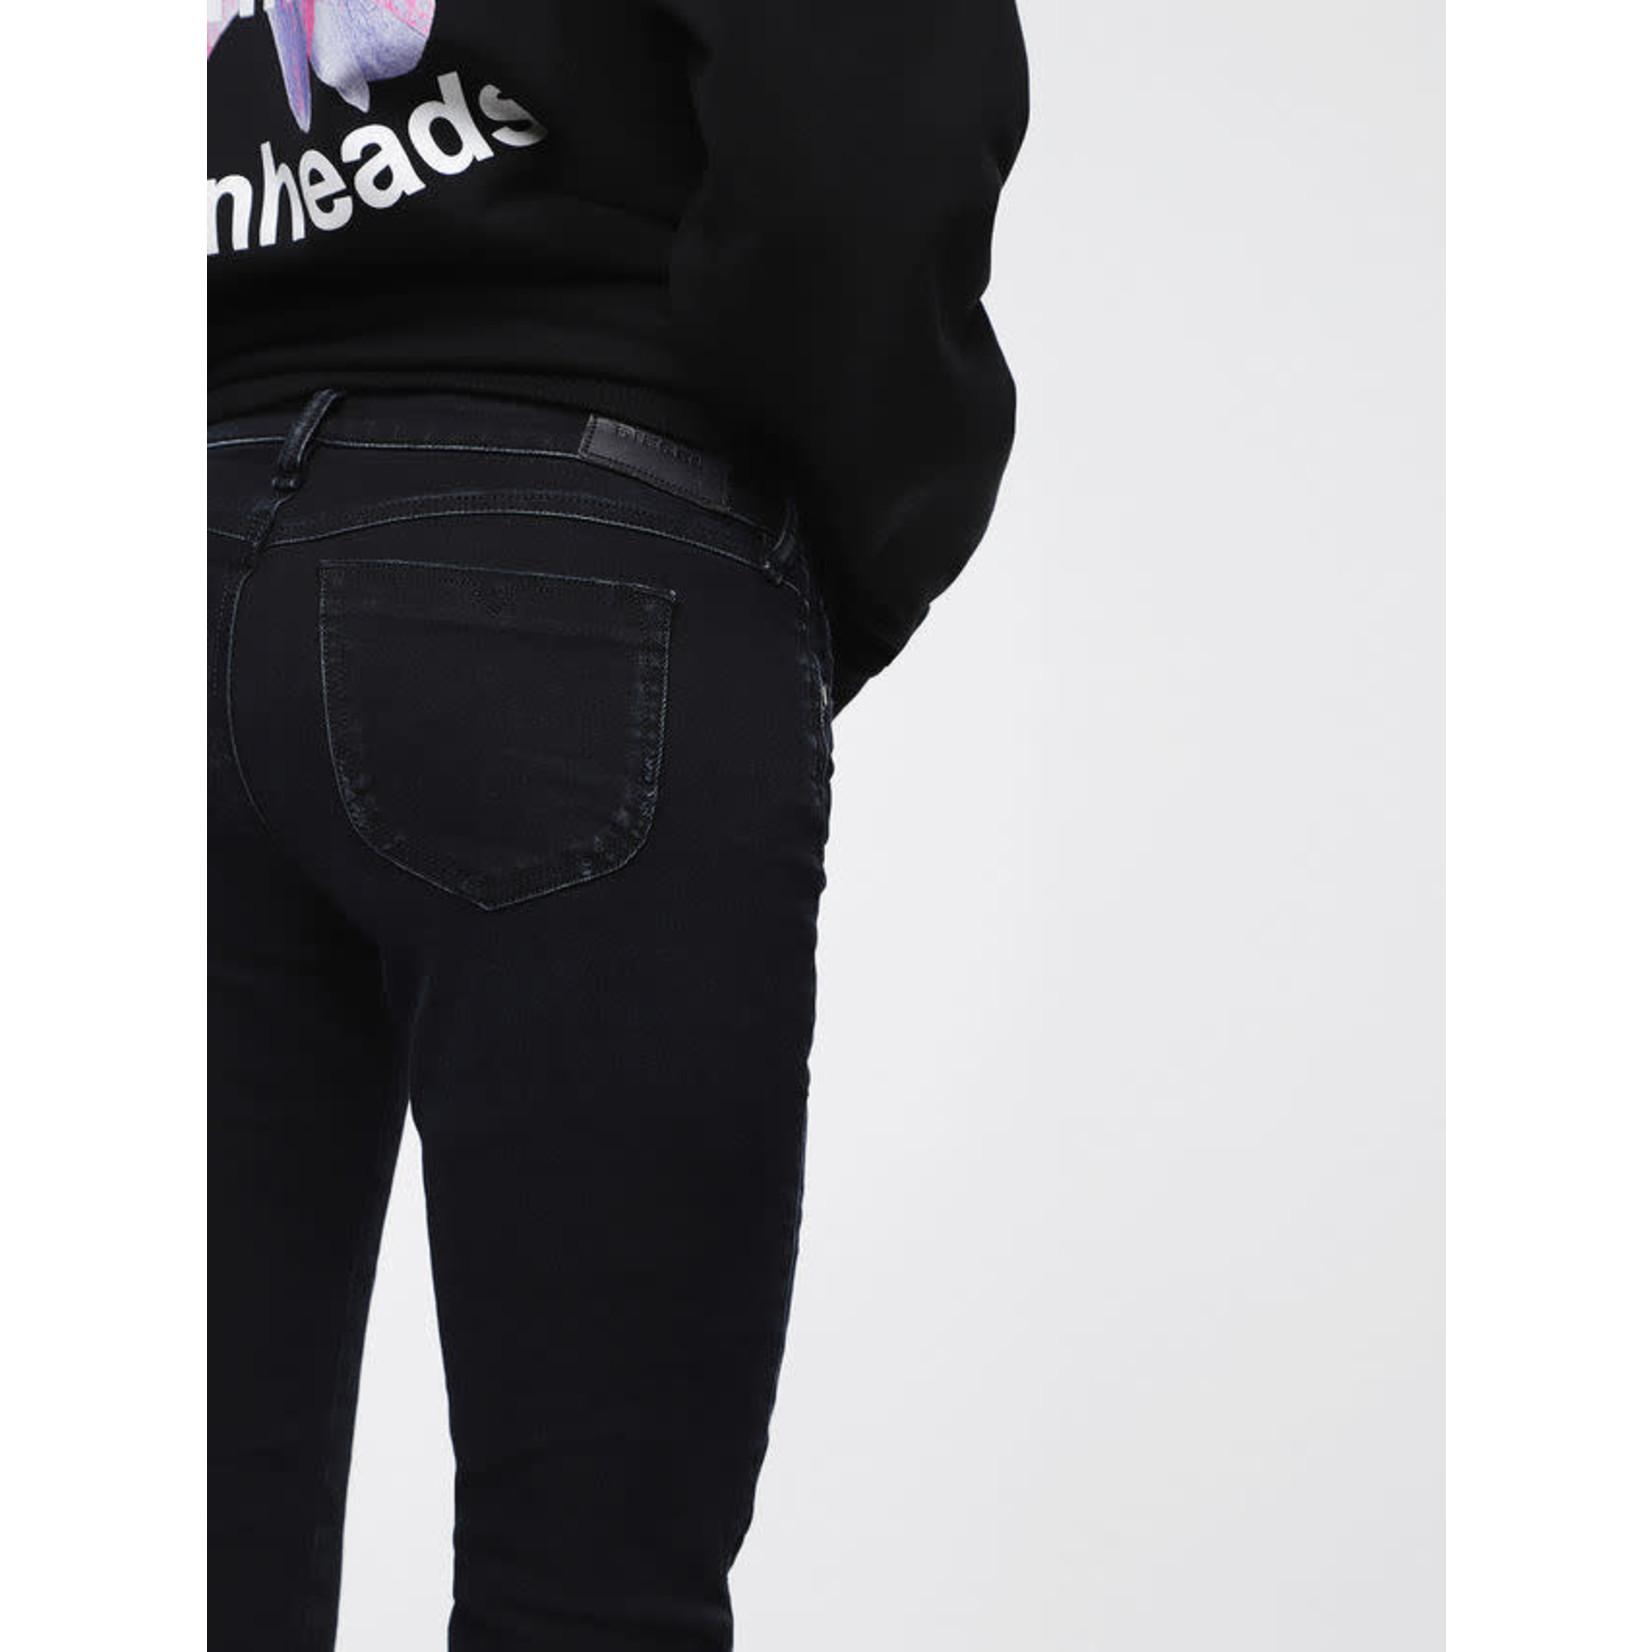 DIESEL DIESEL WOMEN'S JEANS GRACEY 069BL - BLACK